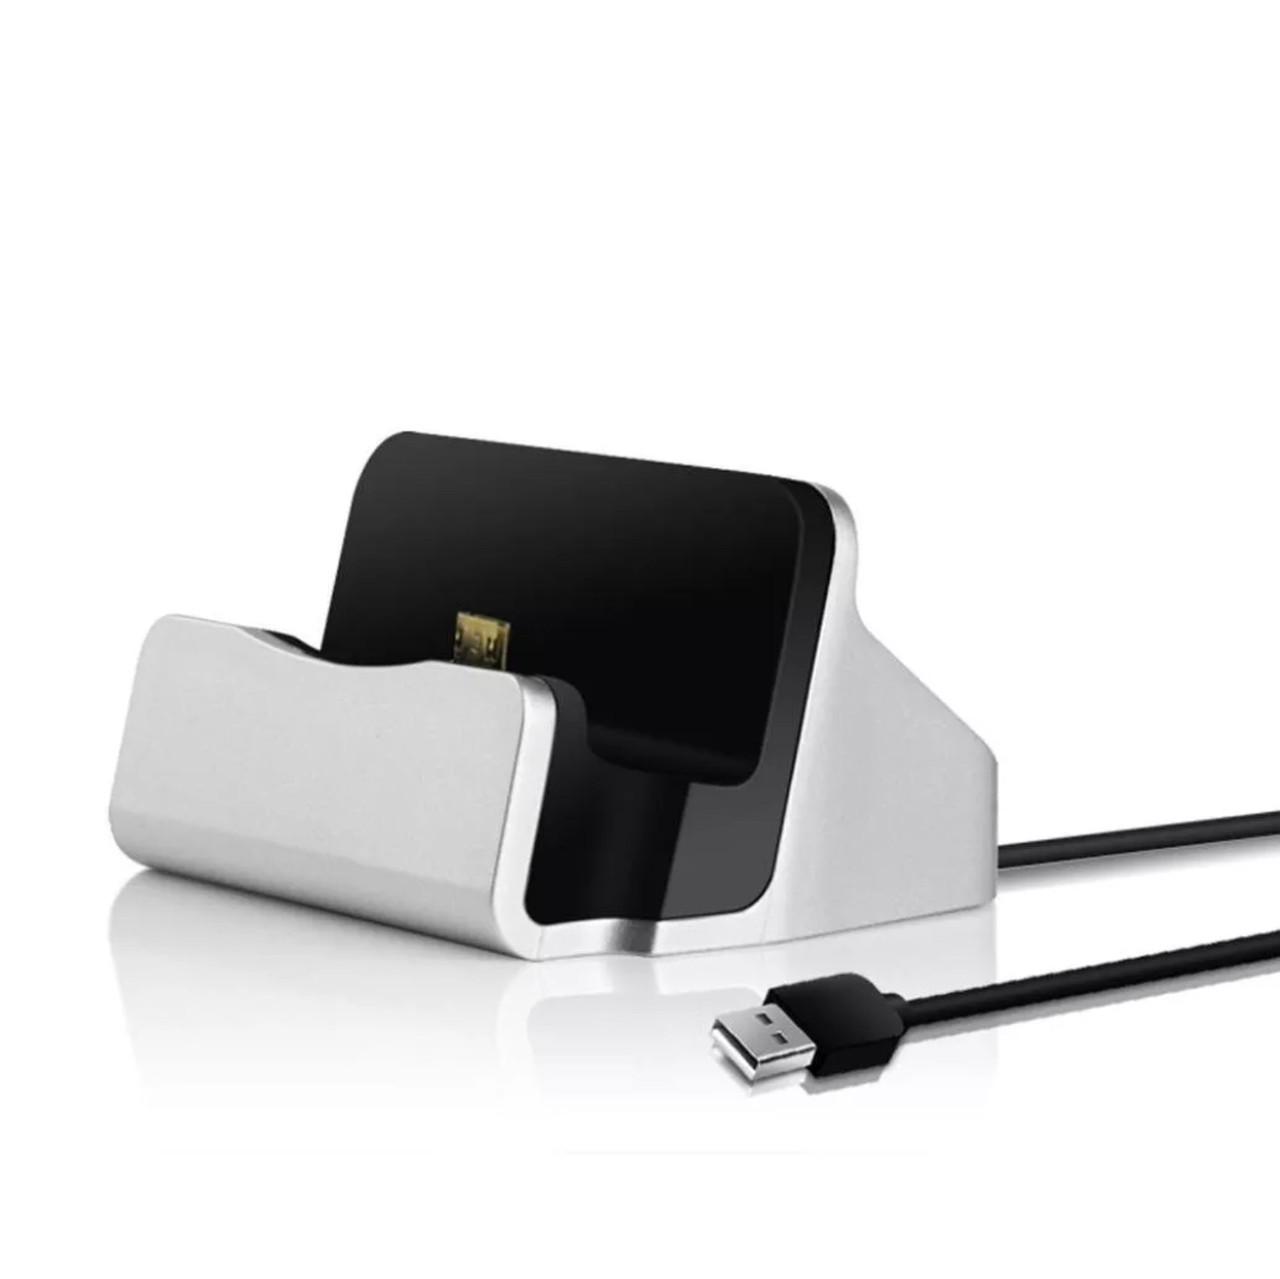 Док-станция, зарядное устройство, подставка с выходом для Android (серебристый)